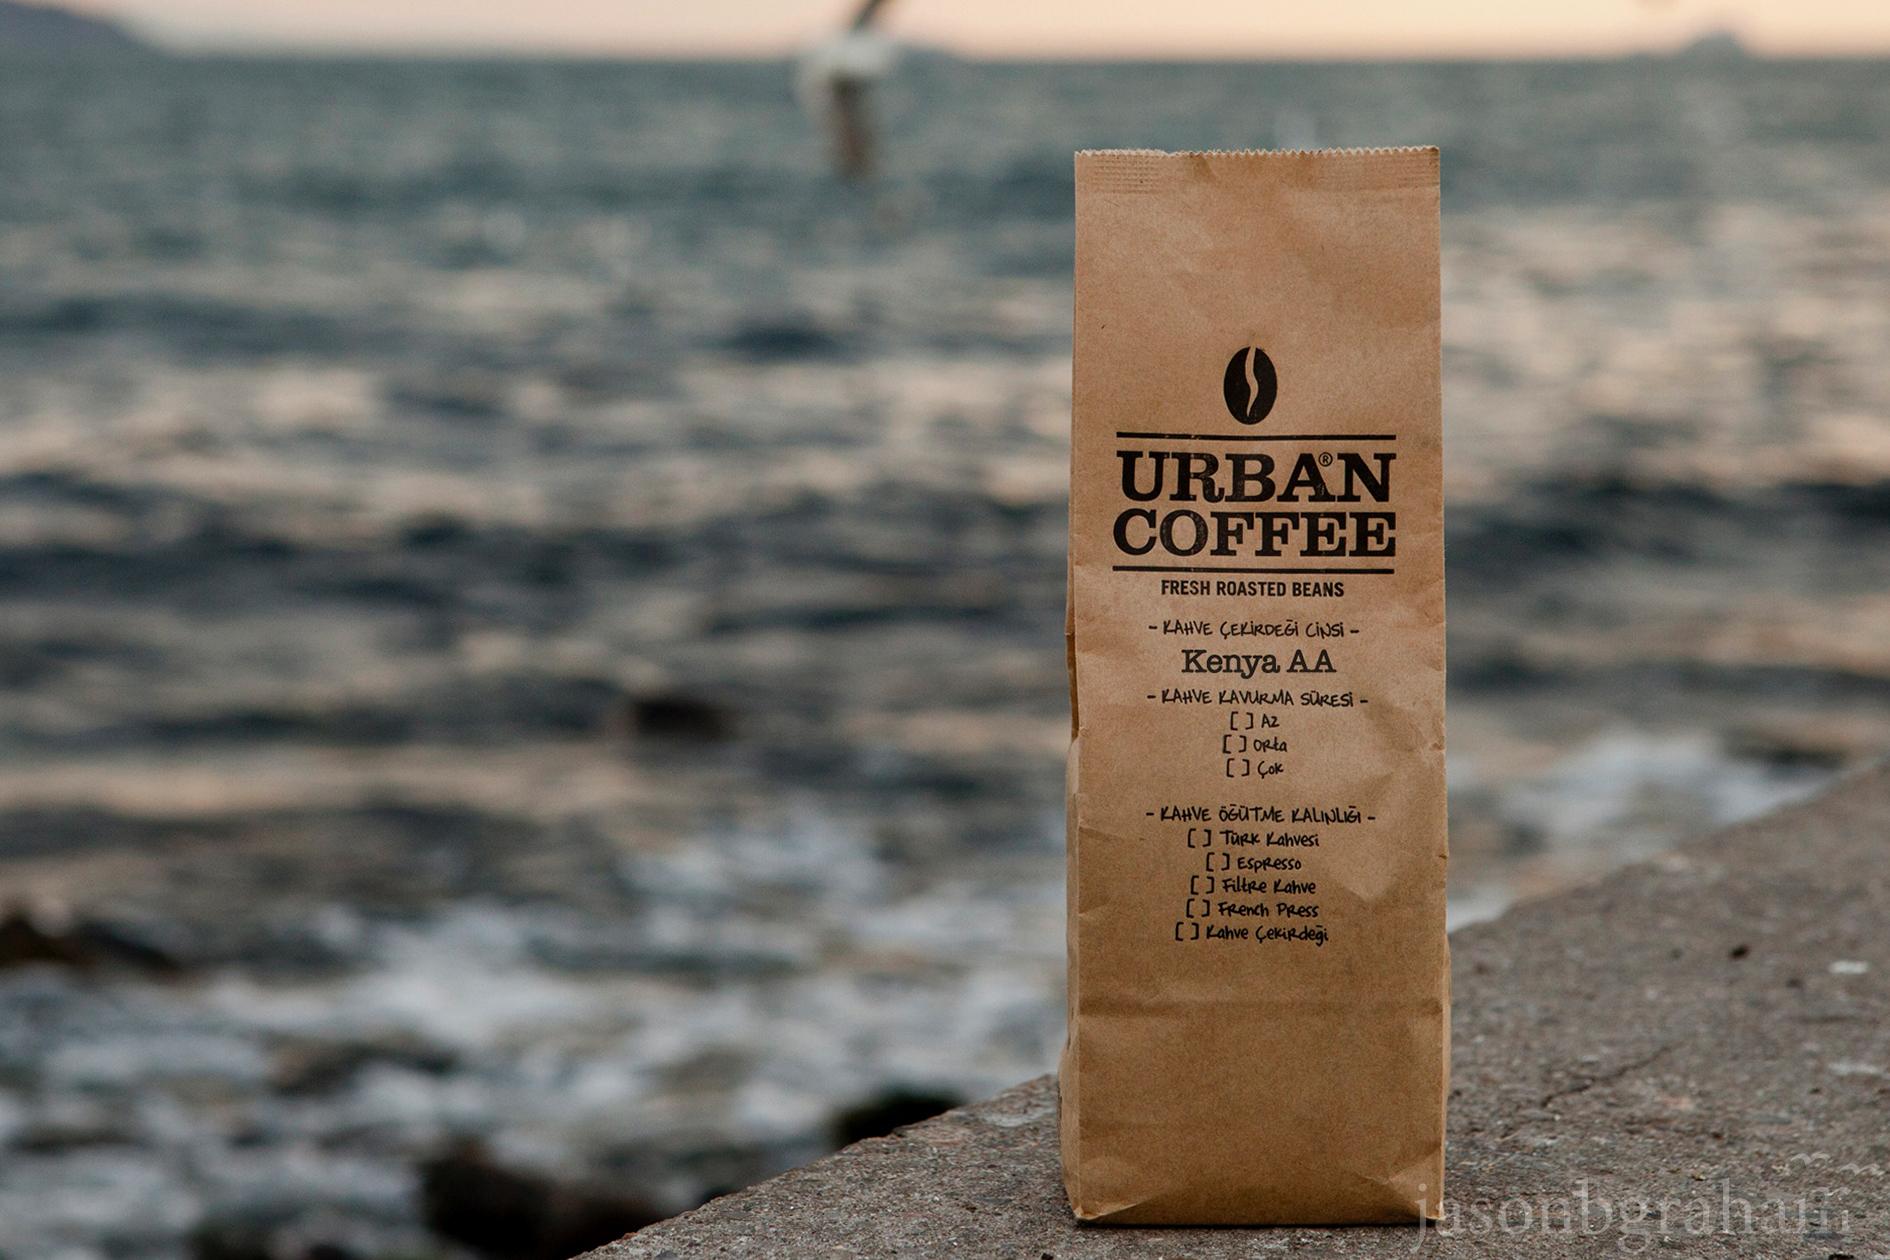 urban-coffee-kenya-aa